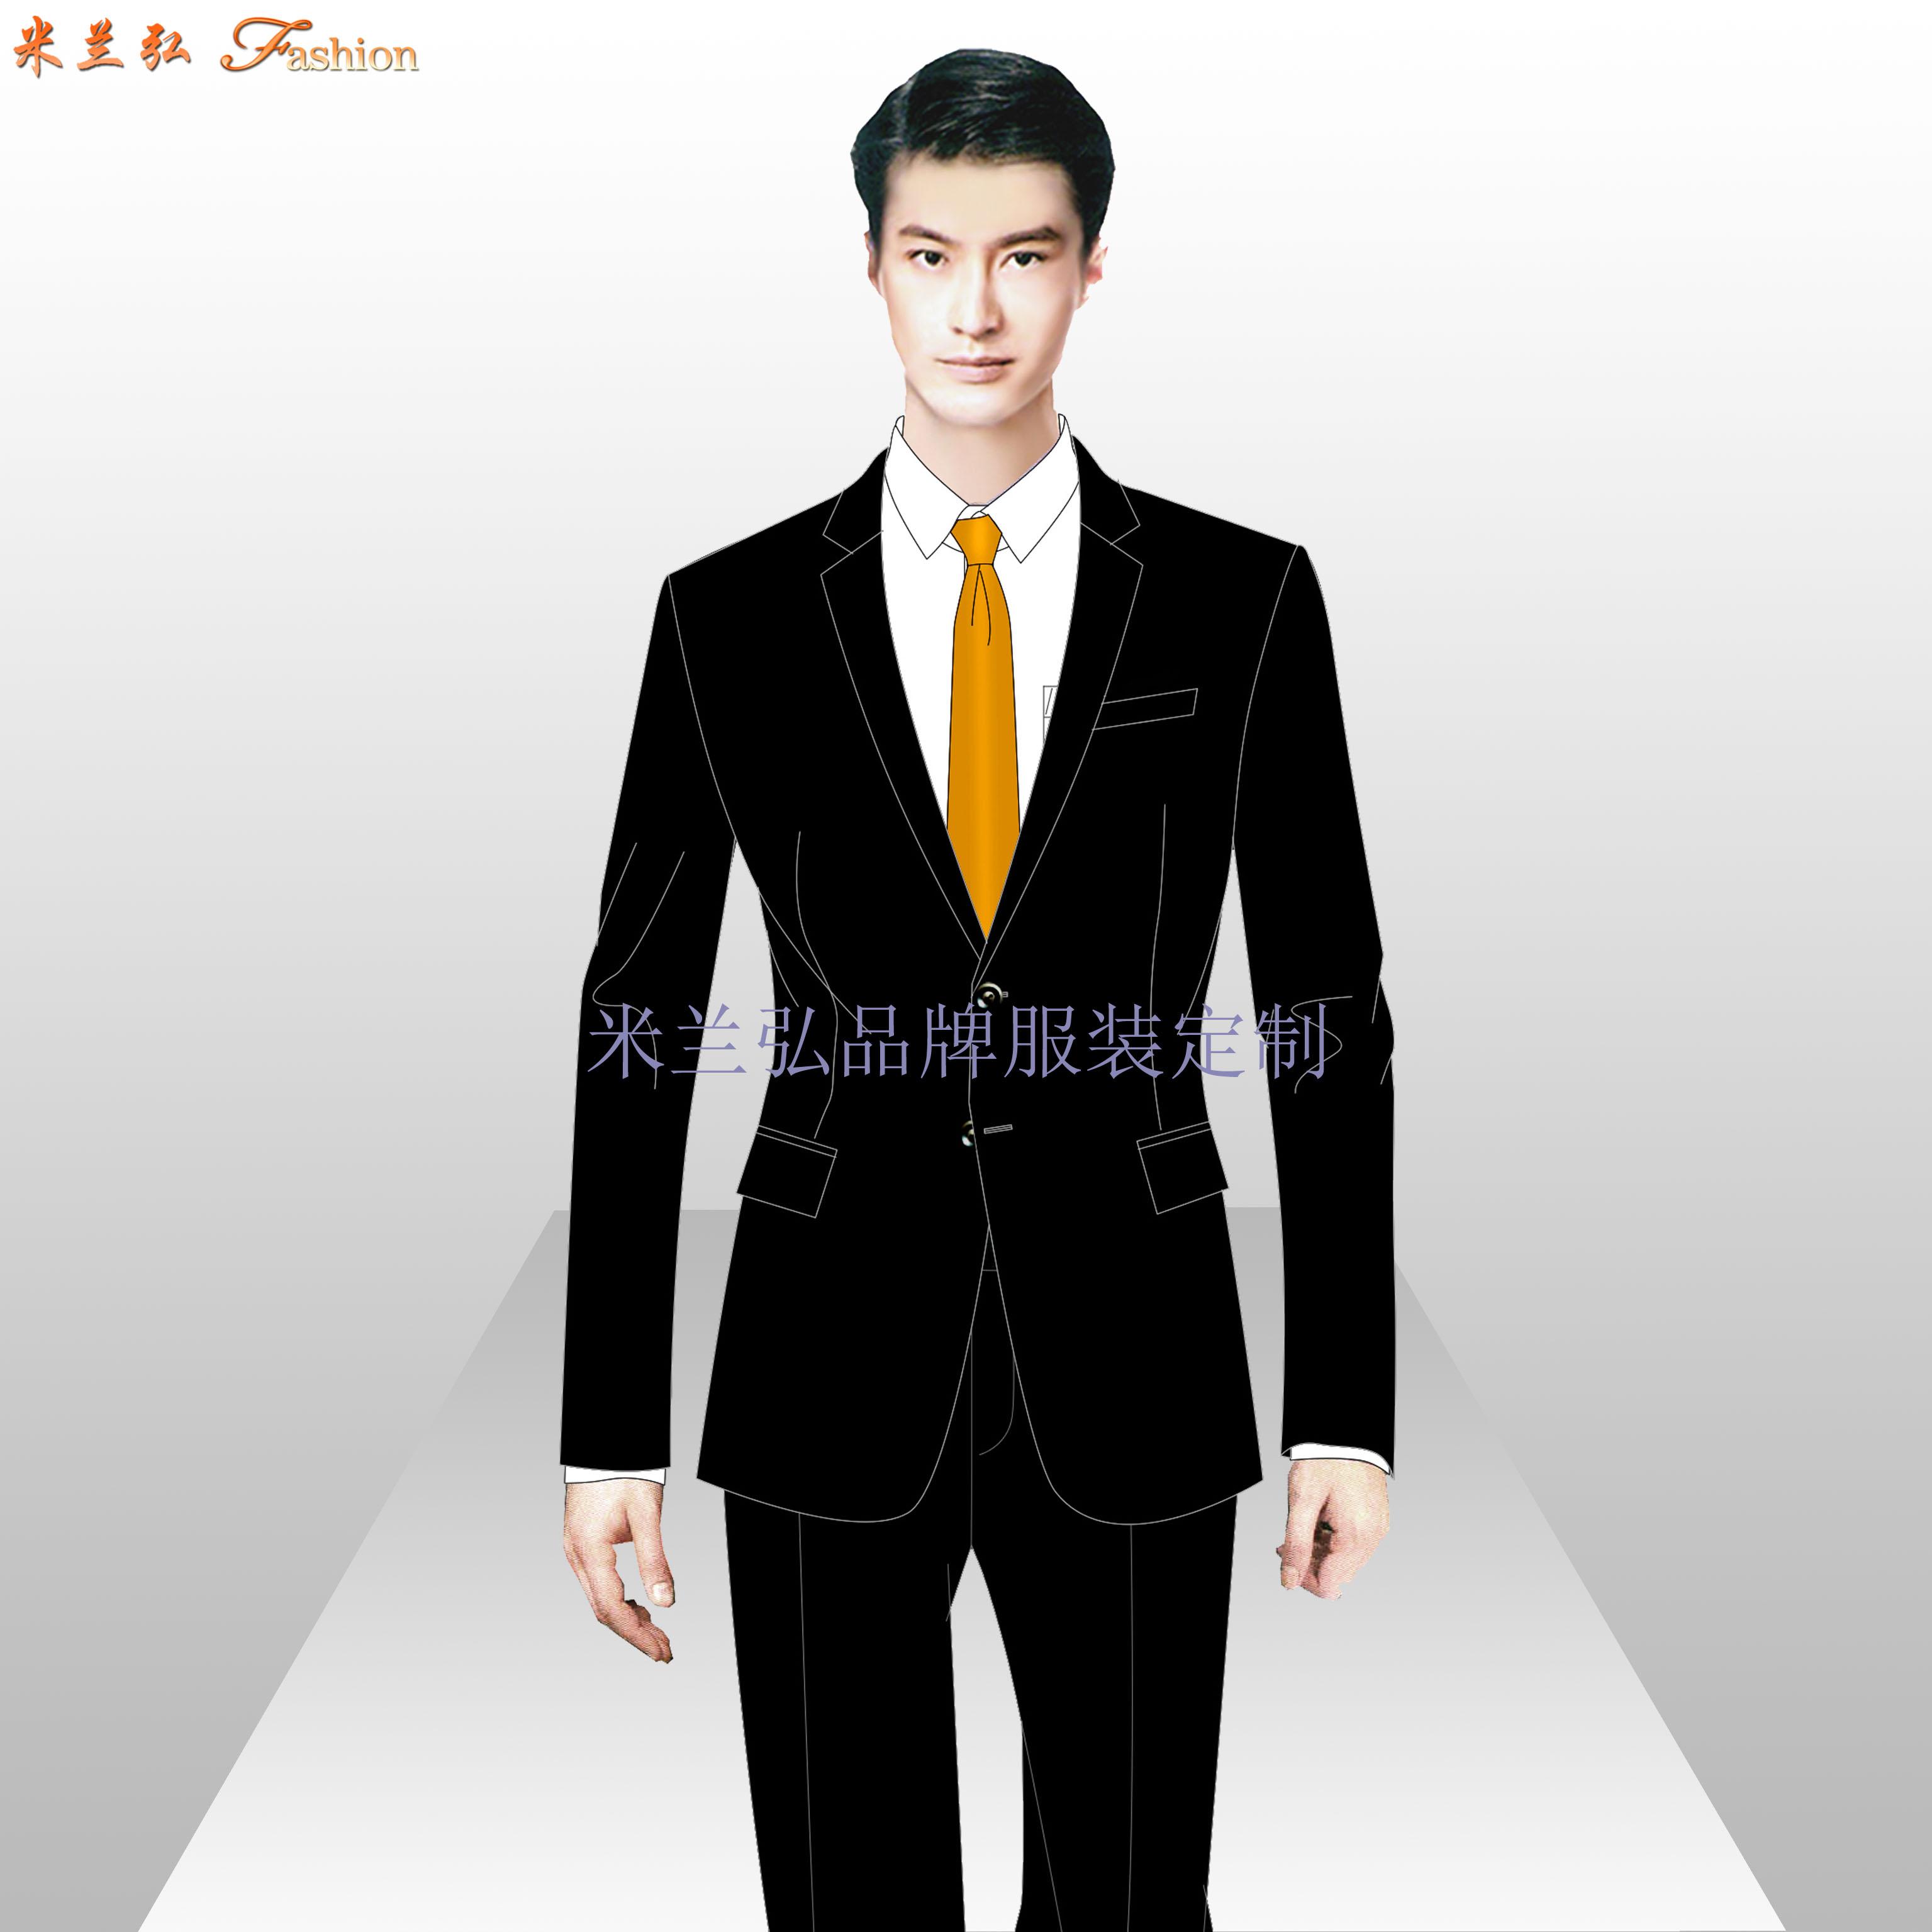 寫字樓物業管家服裝定制-公寓樓物業工作服定做-米蘭弘-2